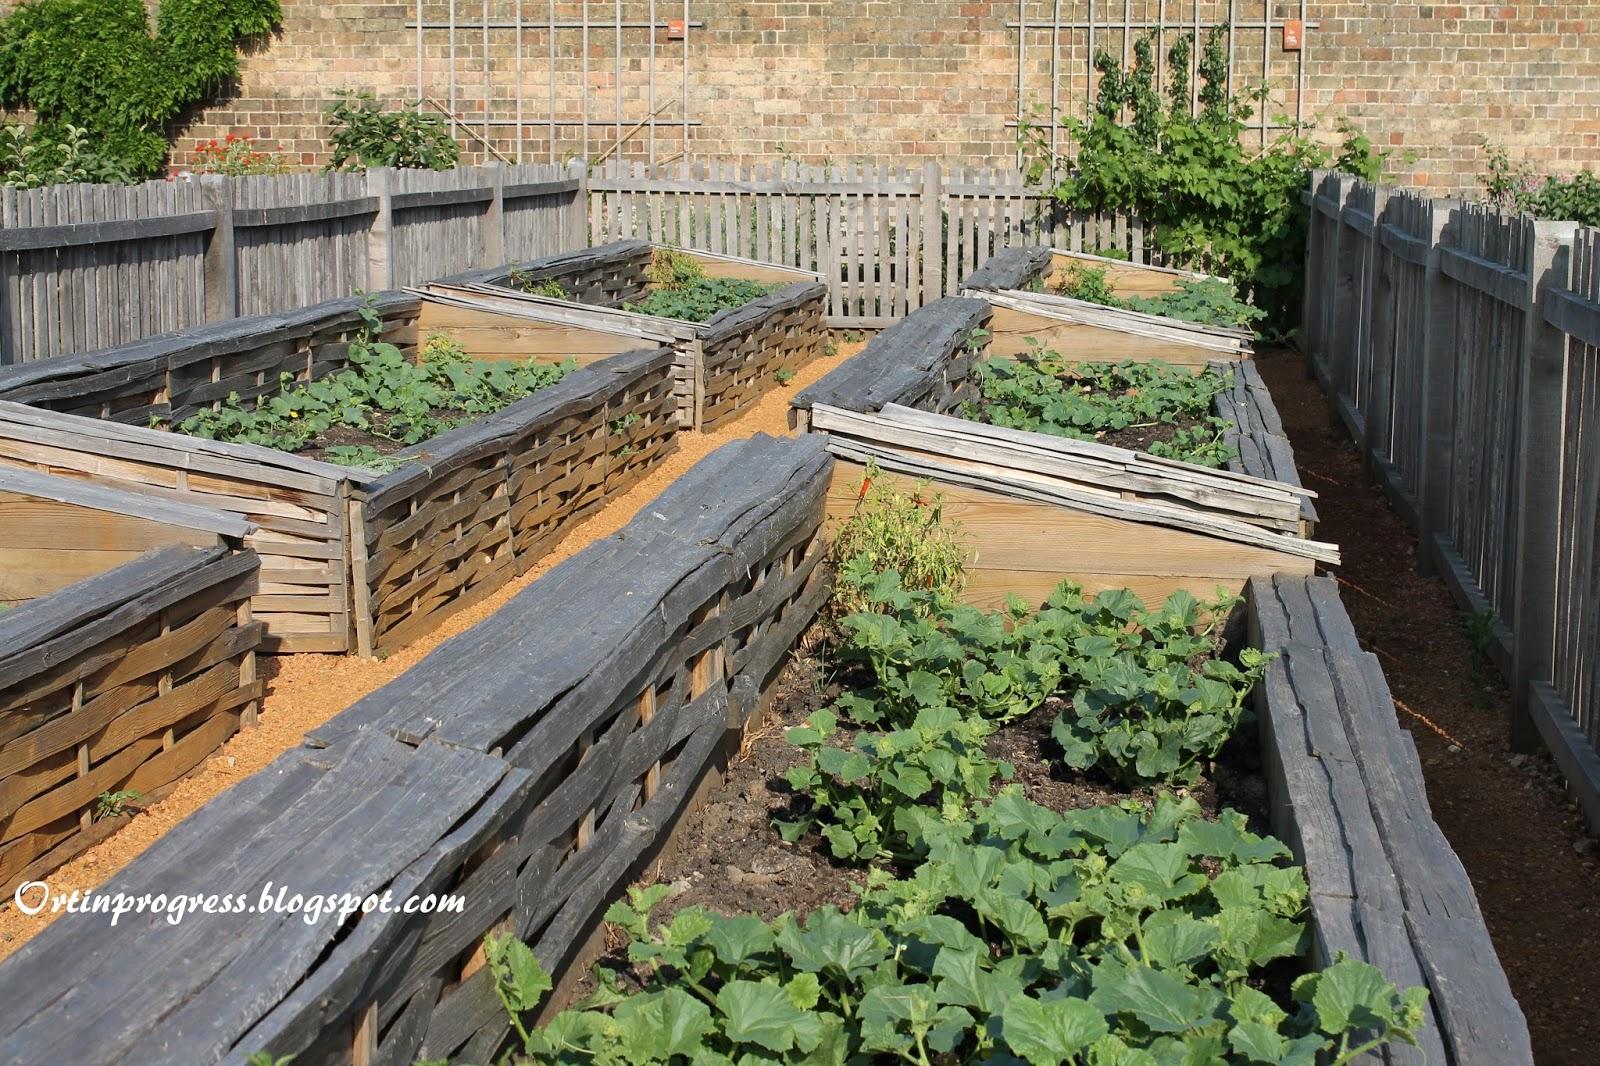 Orti in progress il kitchen garden di hampton court palace for Cassoni per orto rialzato